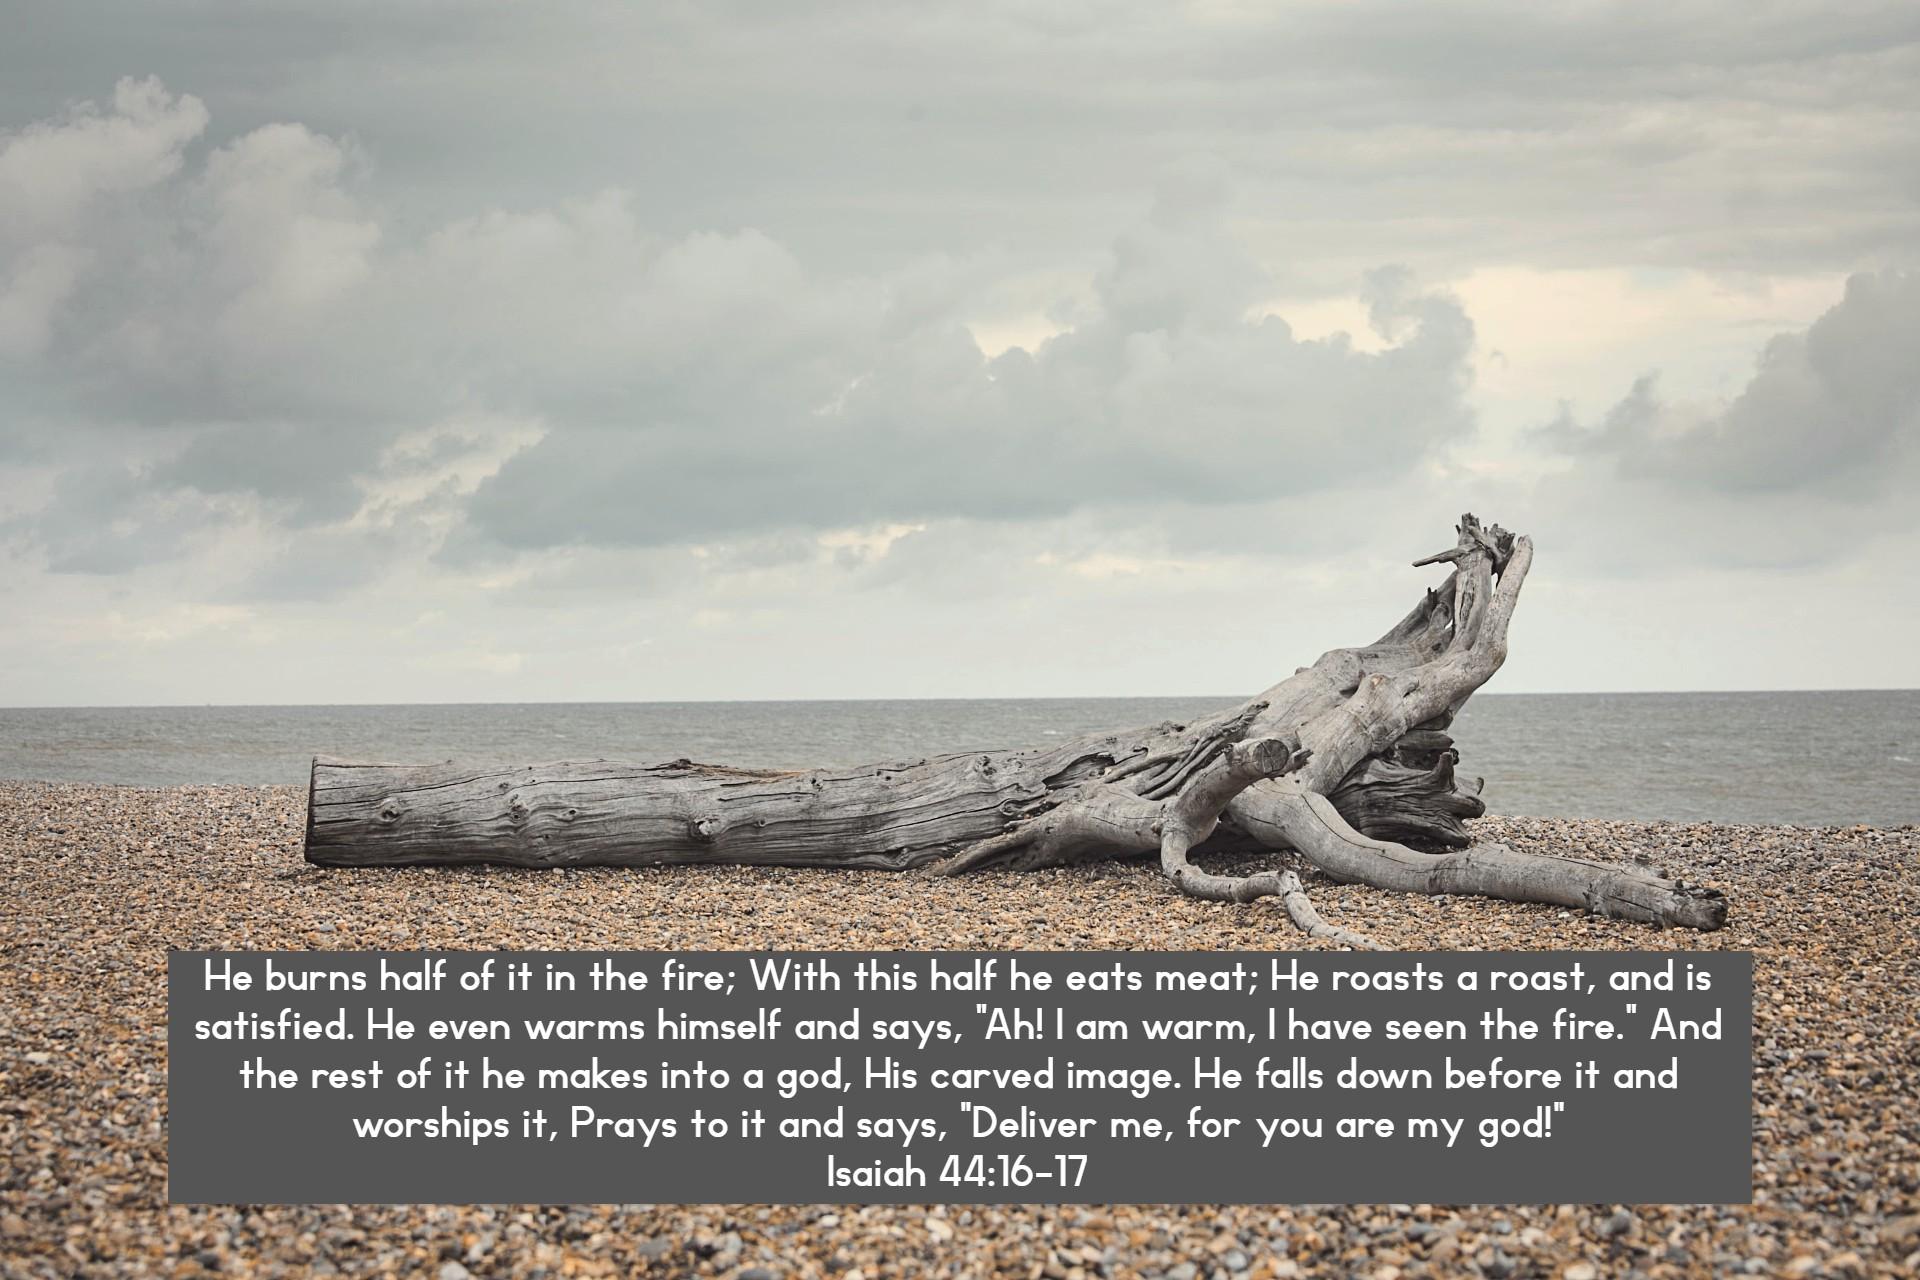 Jeremiah 44;16-17